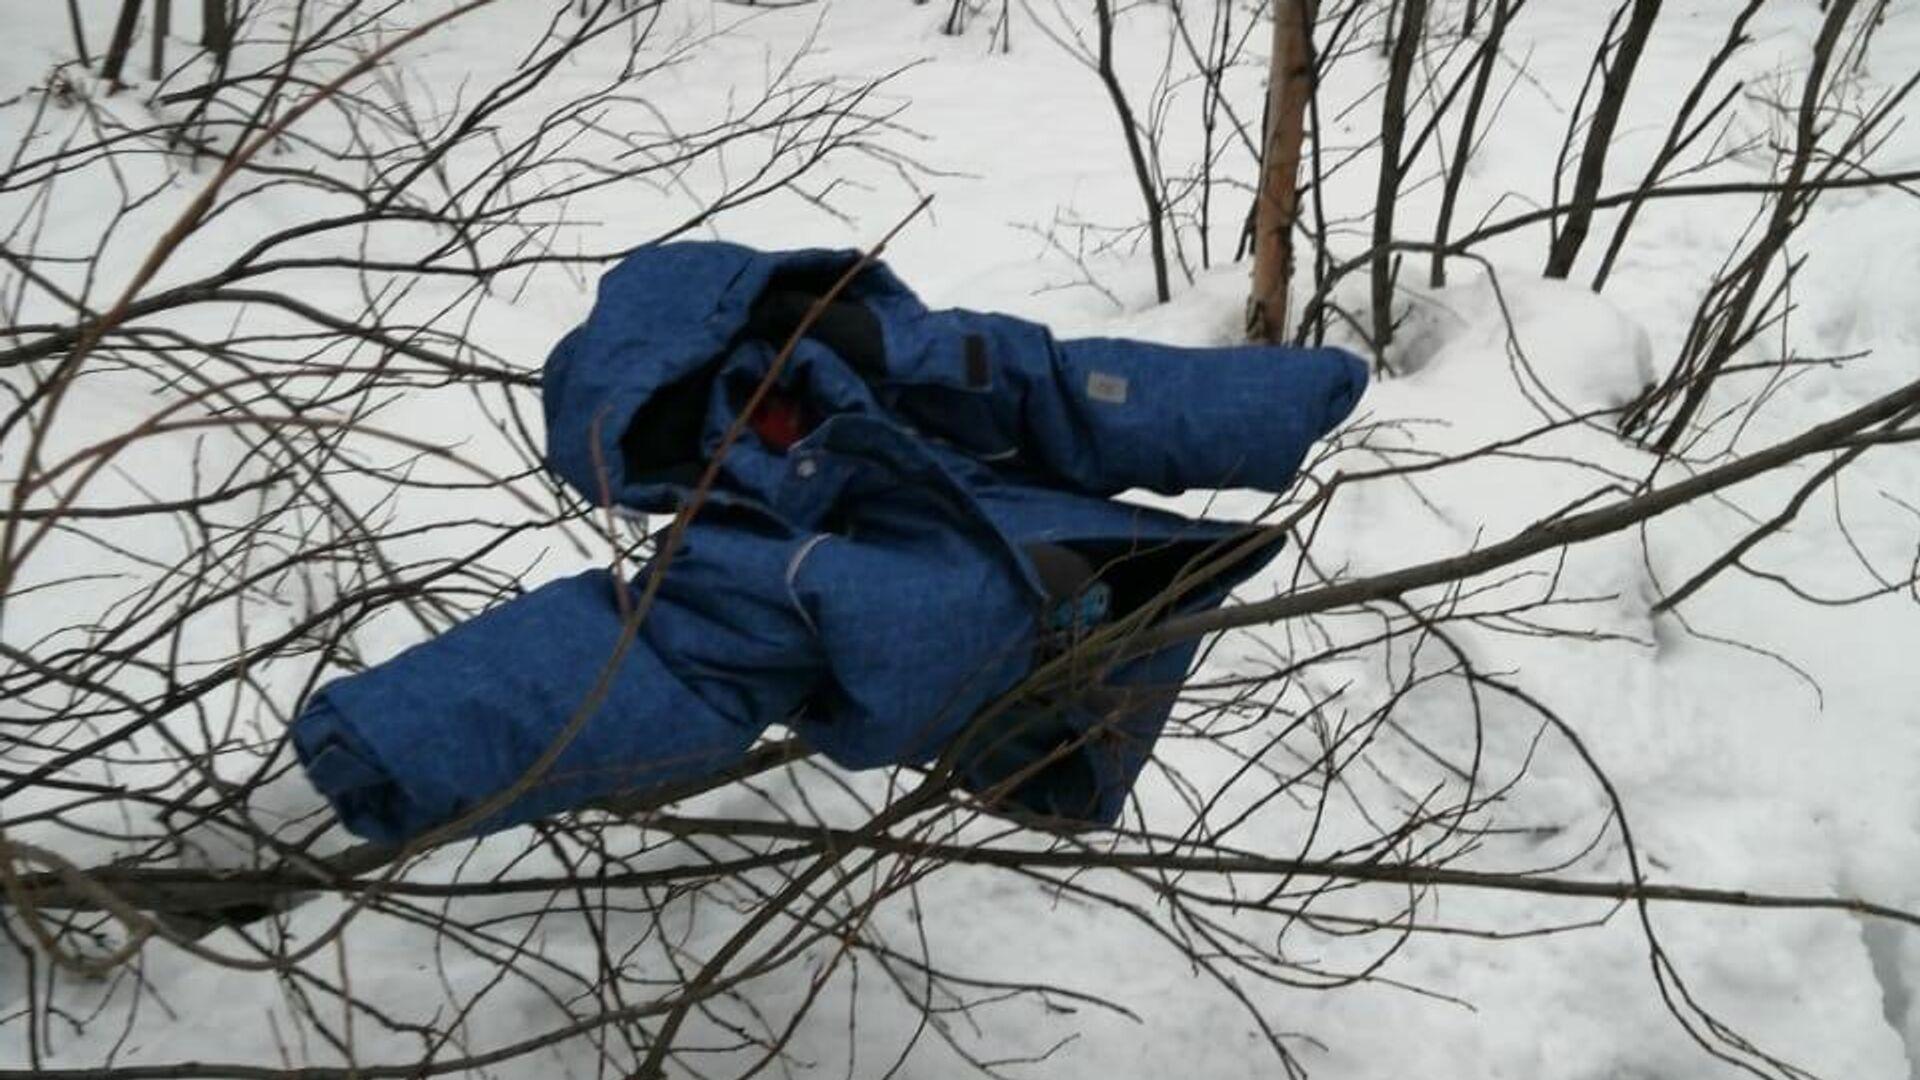 В Кандалакше мурманской области подросток,  подозревается в том, что пытался задушить и закопать в снег 11-летнего мальчика - РИА Новости, 1920, 23.02.2020